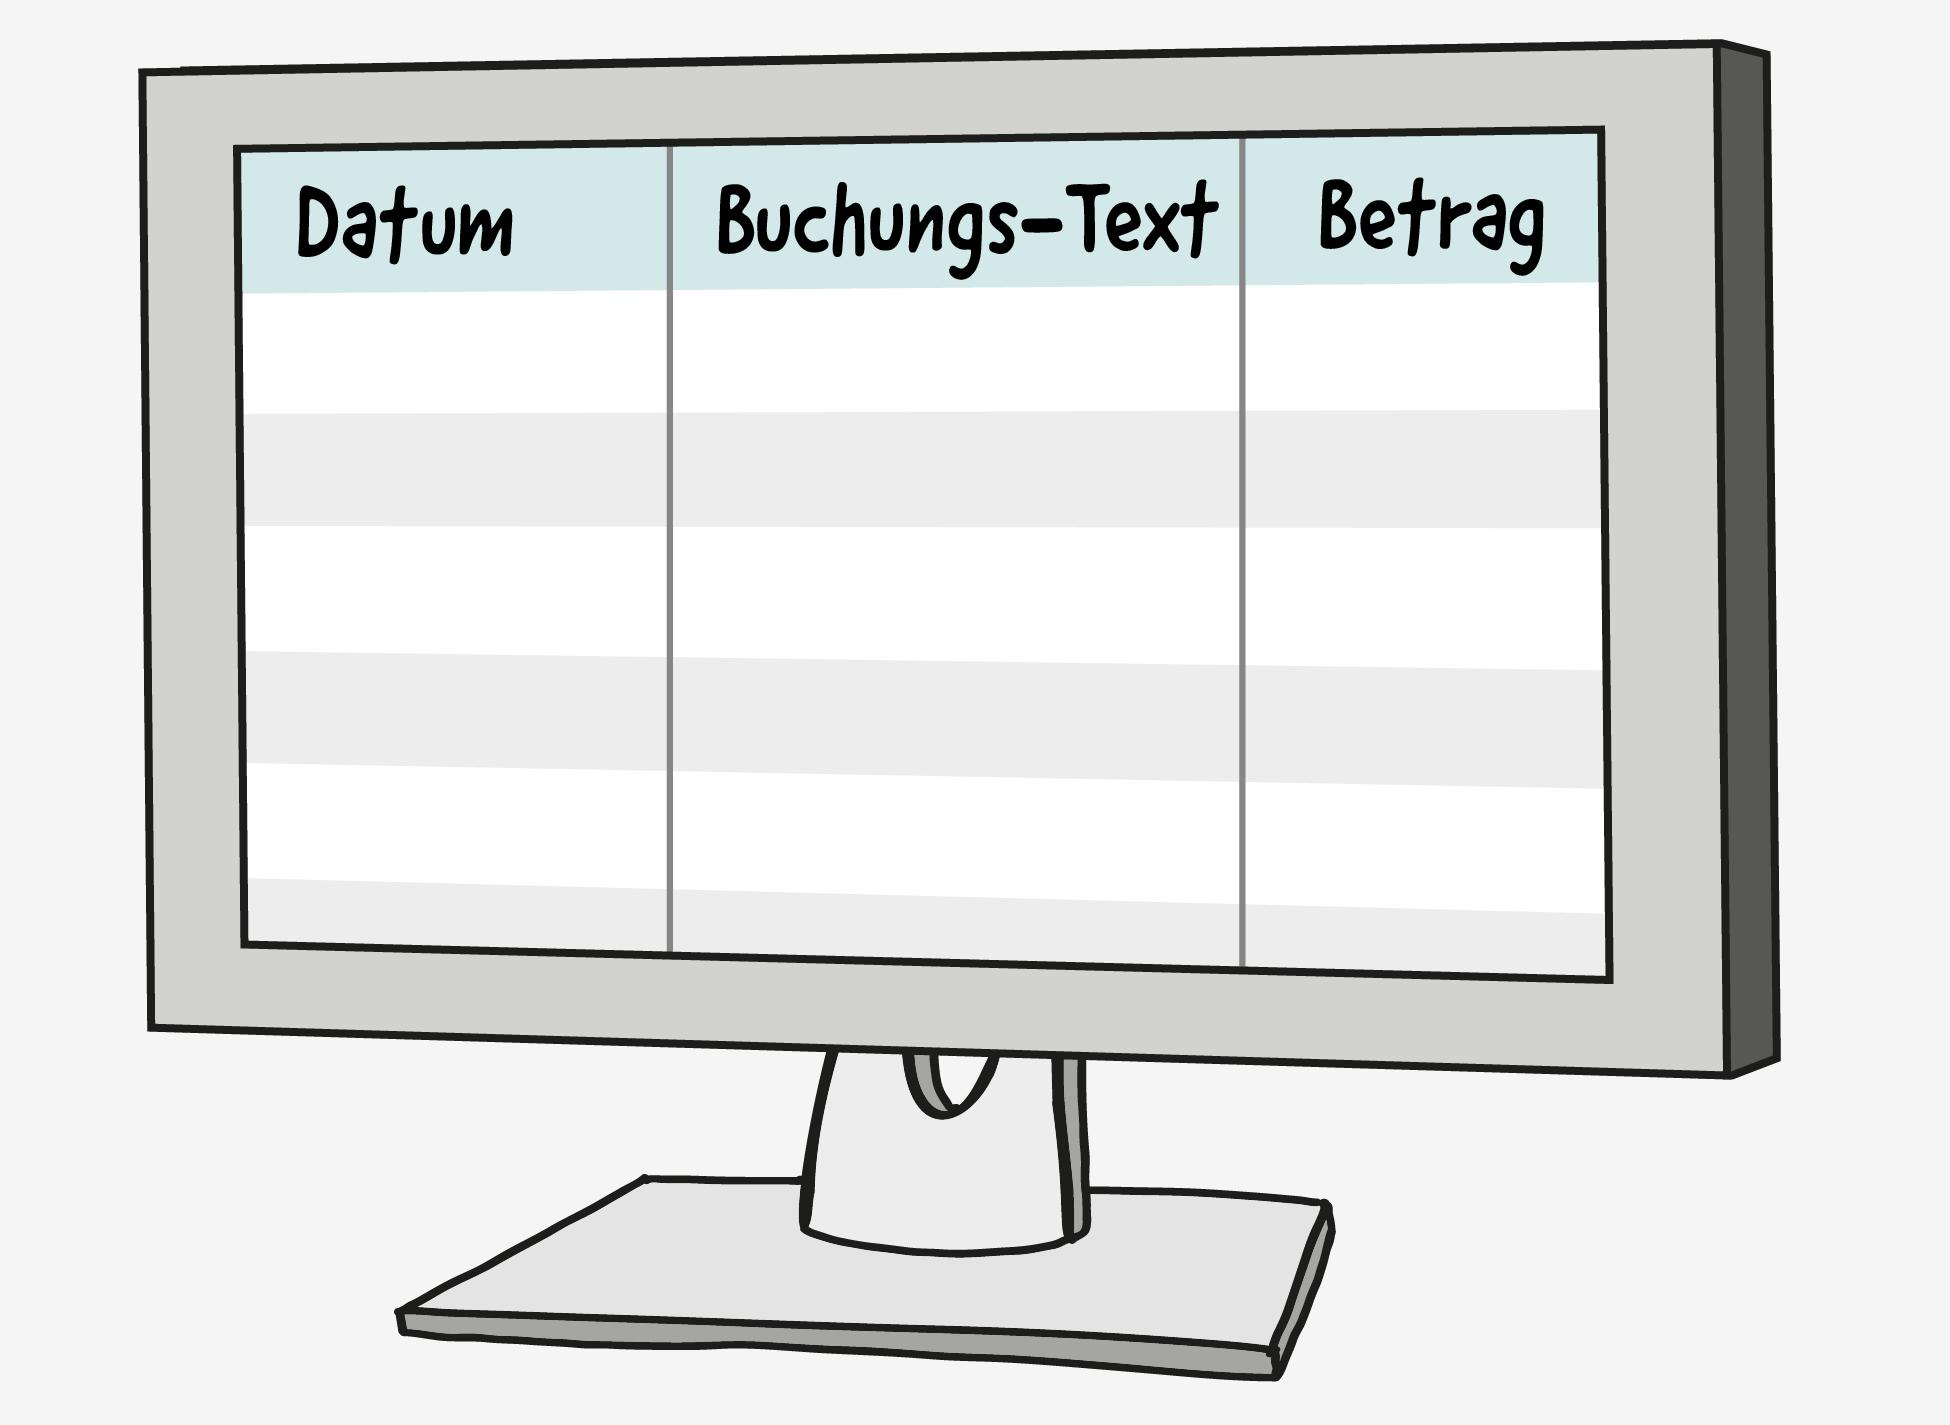 Ein Computer-Bildschirm zeigt ein Tabellen-Dokument mit 3 sichtbaren Spalten: Datum, Buchungs-Text und Betrag. Alle Felder sind leer.